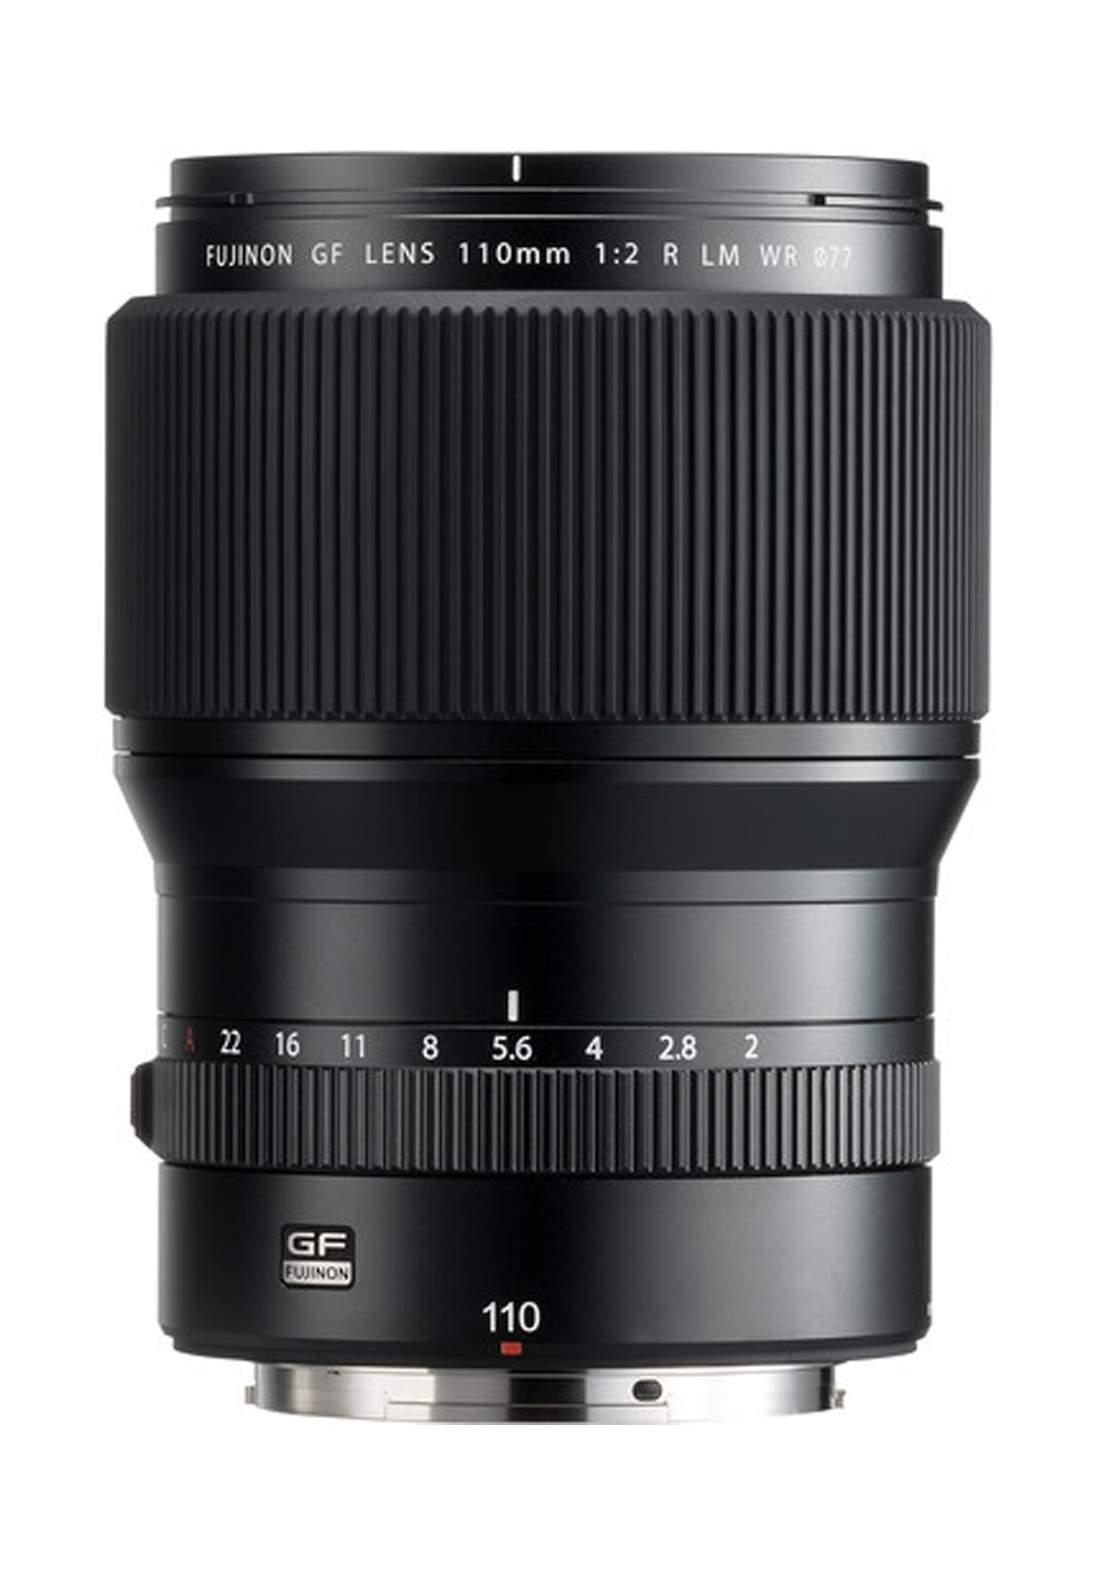 Fujifilm GF 110mm F2 R LM WR Lens - Black عدسة كاميرا